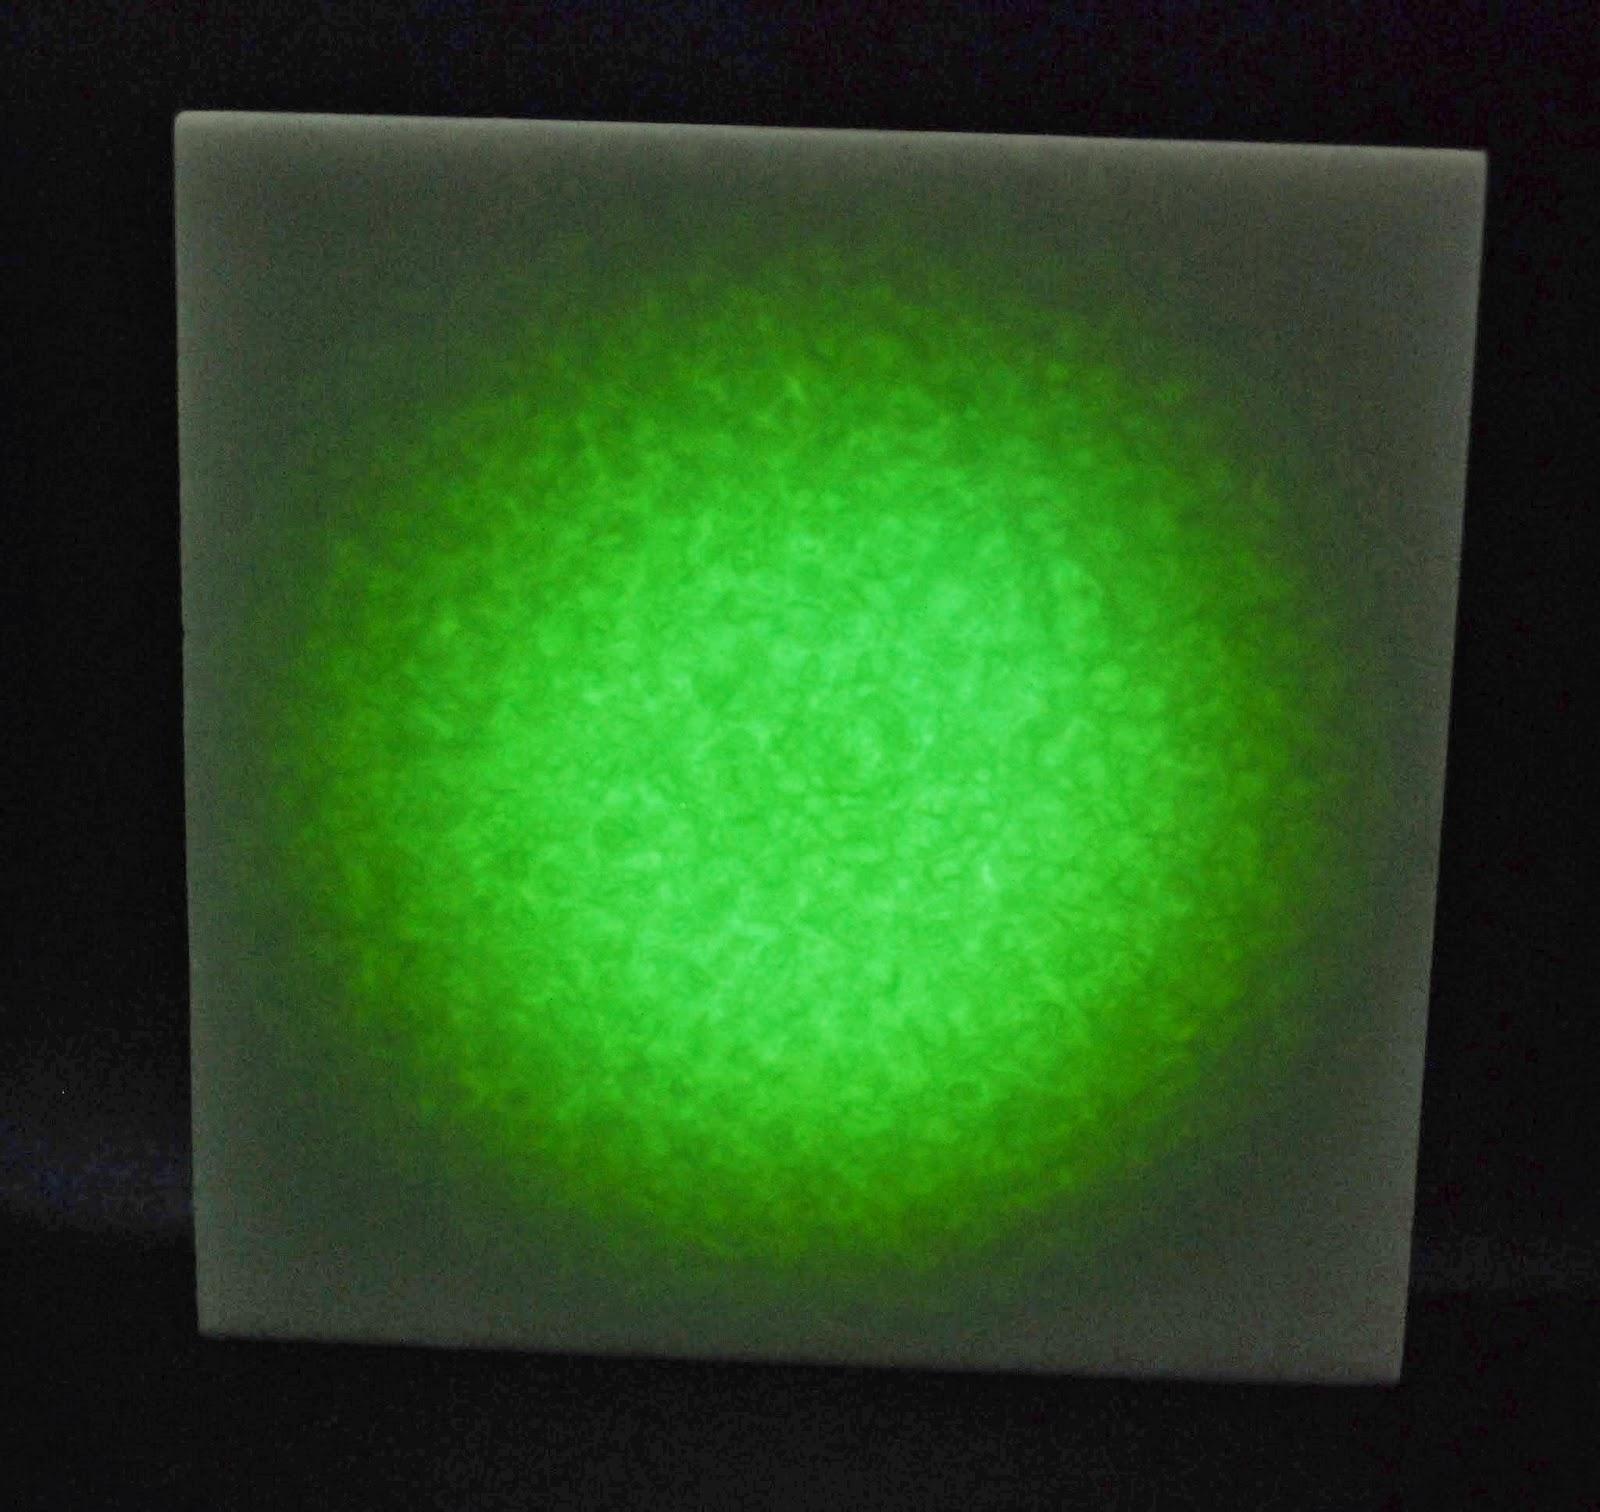 ... Minicrystal: Stunning crystallized glass more beautiful than Nanoglass